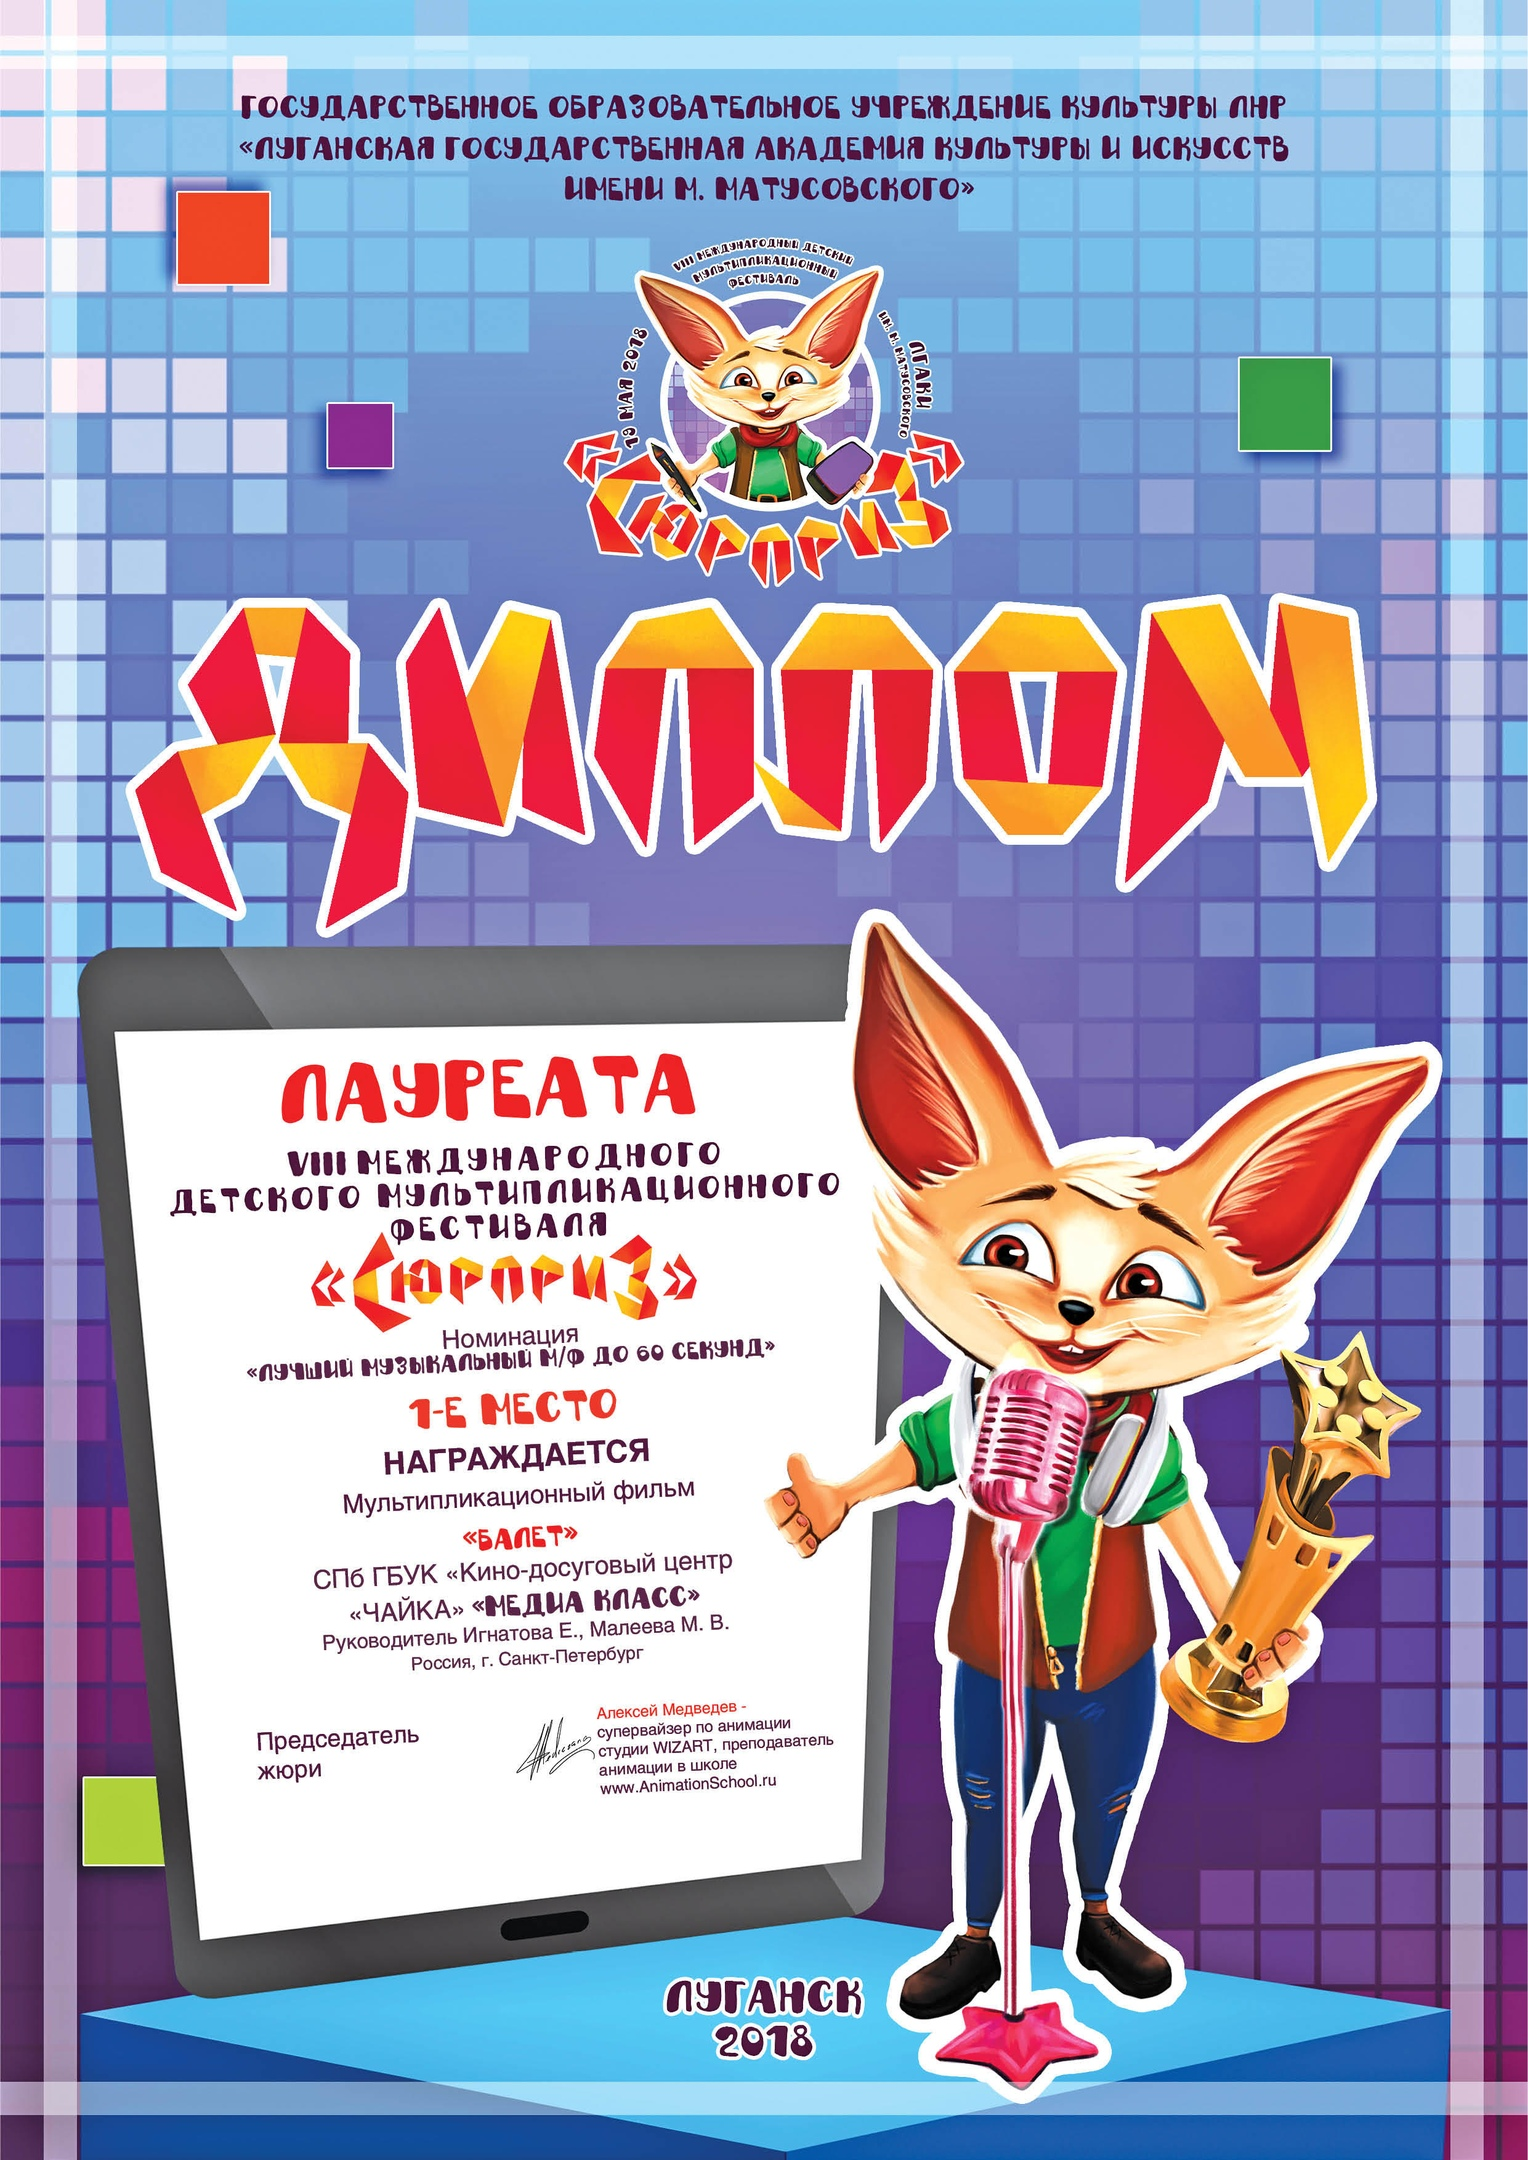 награда фестиваль Сюрприз